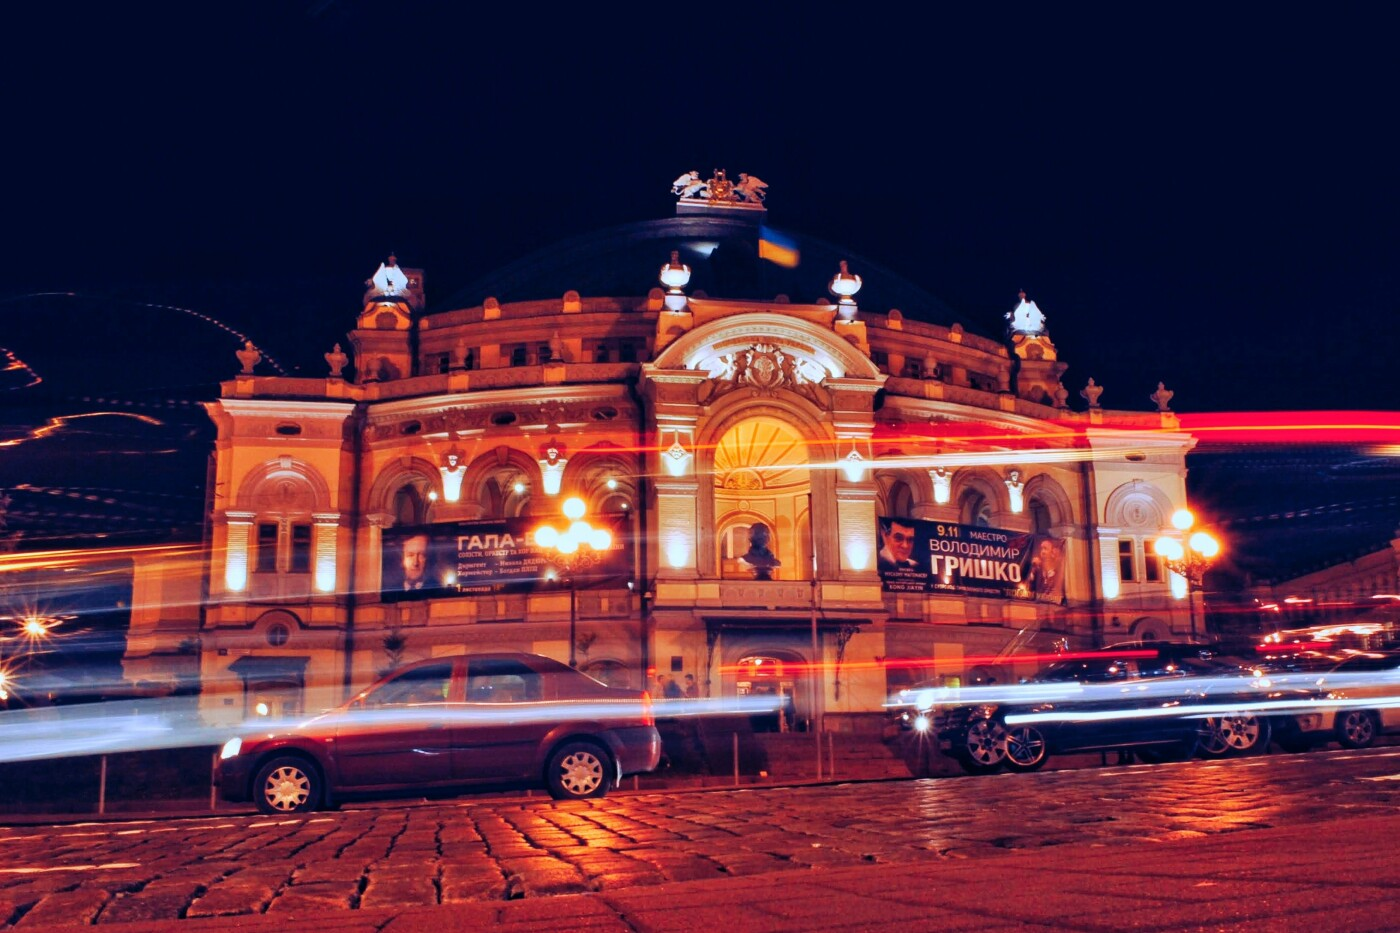 Куда пойти с друзьями в Киеве: необычные места, которые нужно посетить